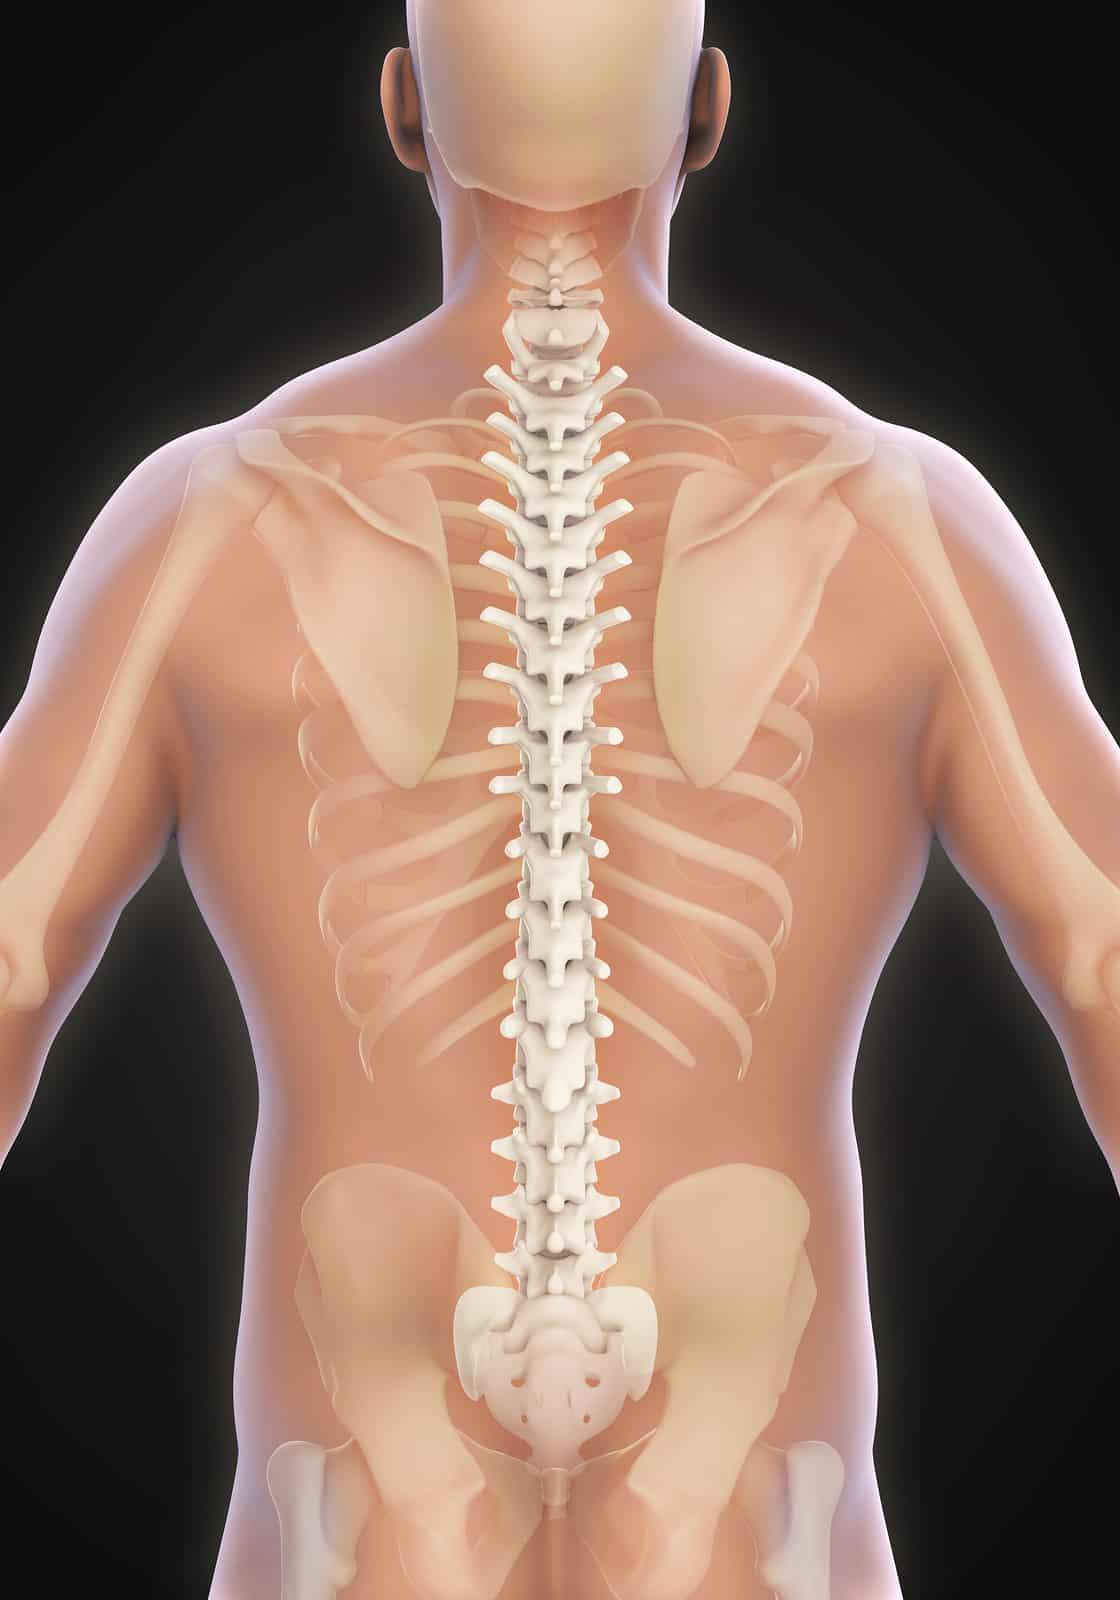 Drx9000 Le traitement de lépine dorsale